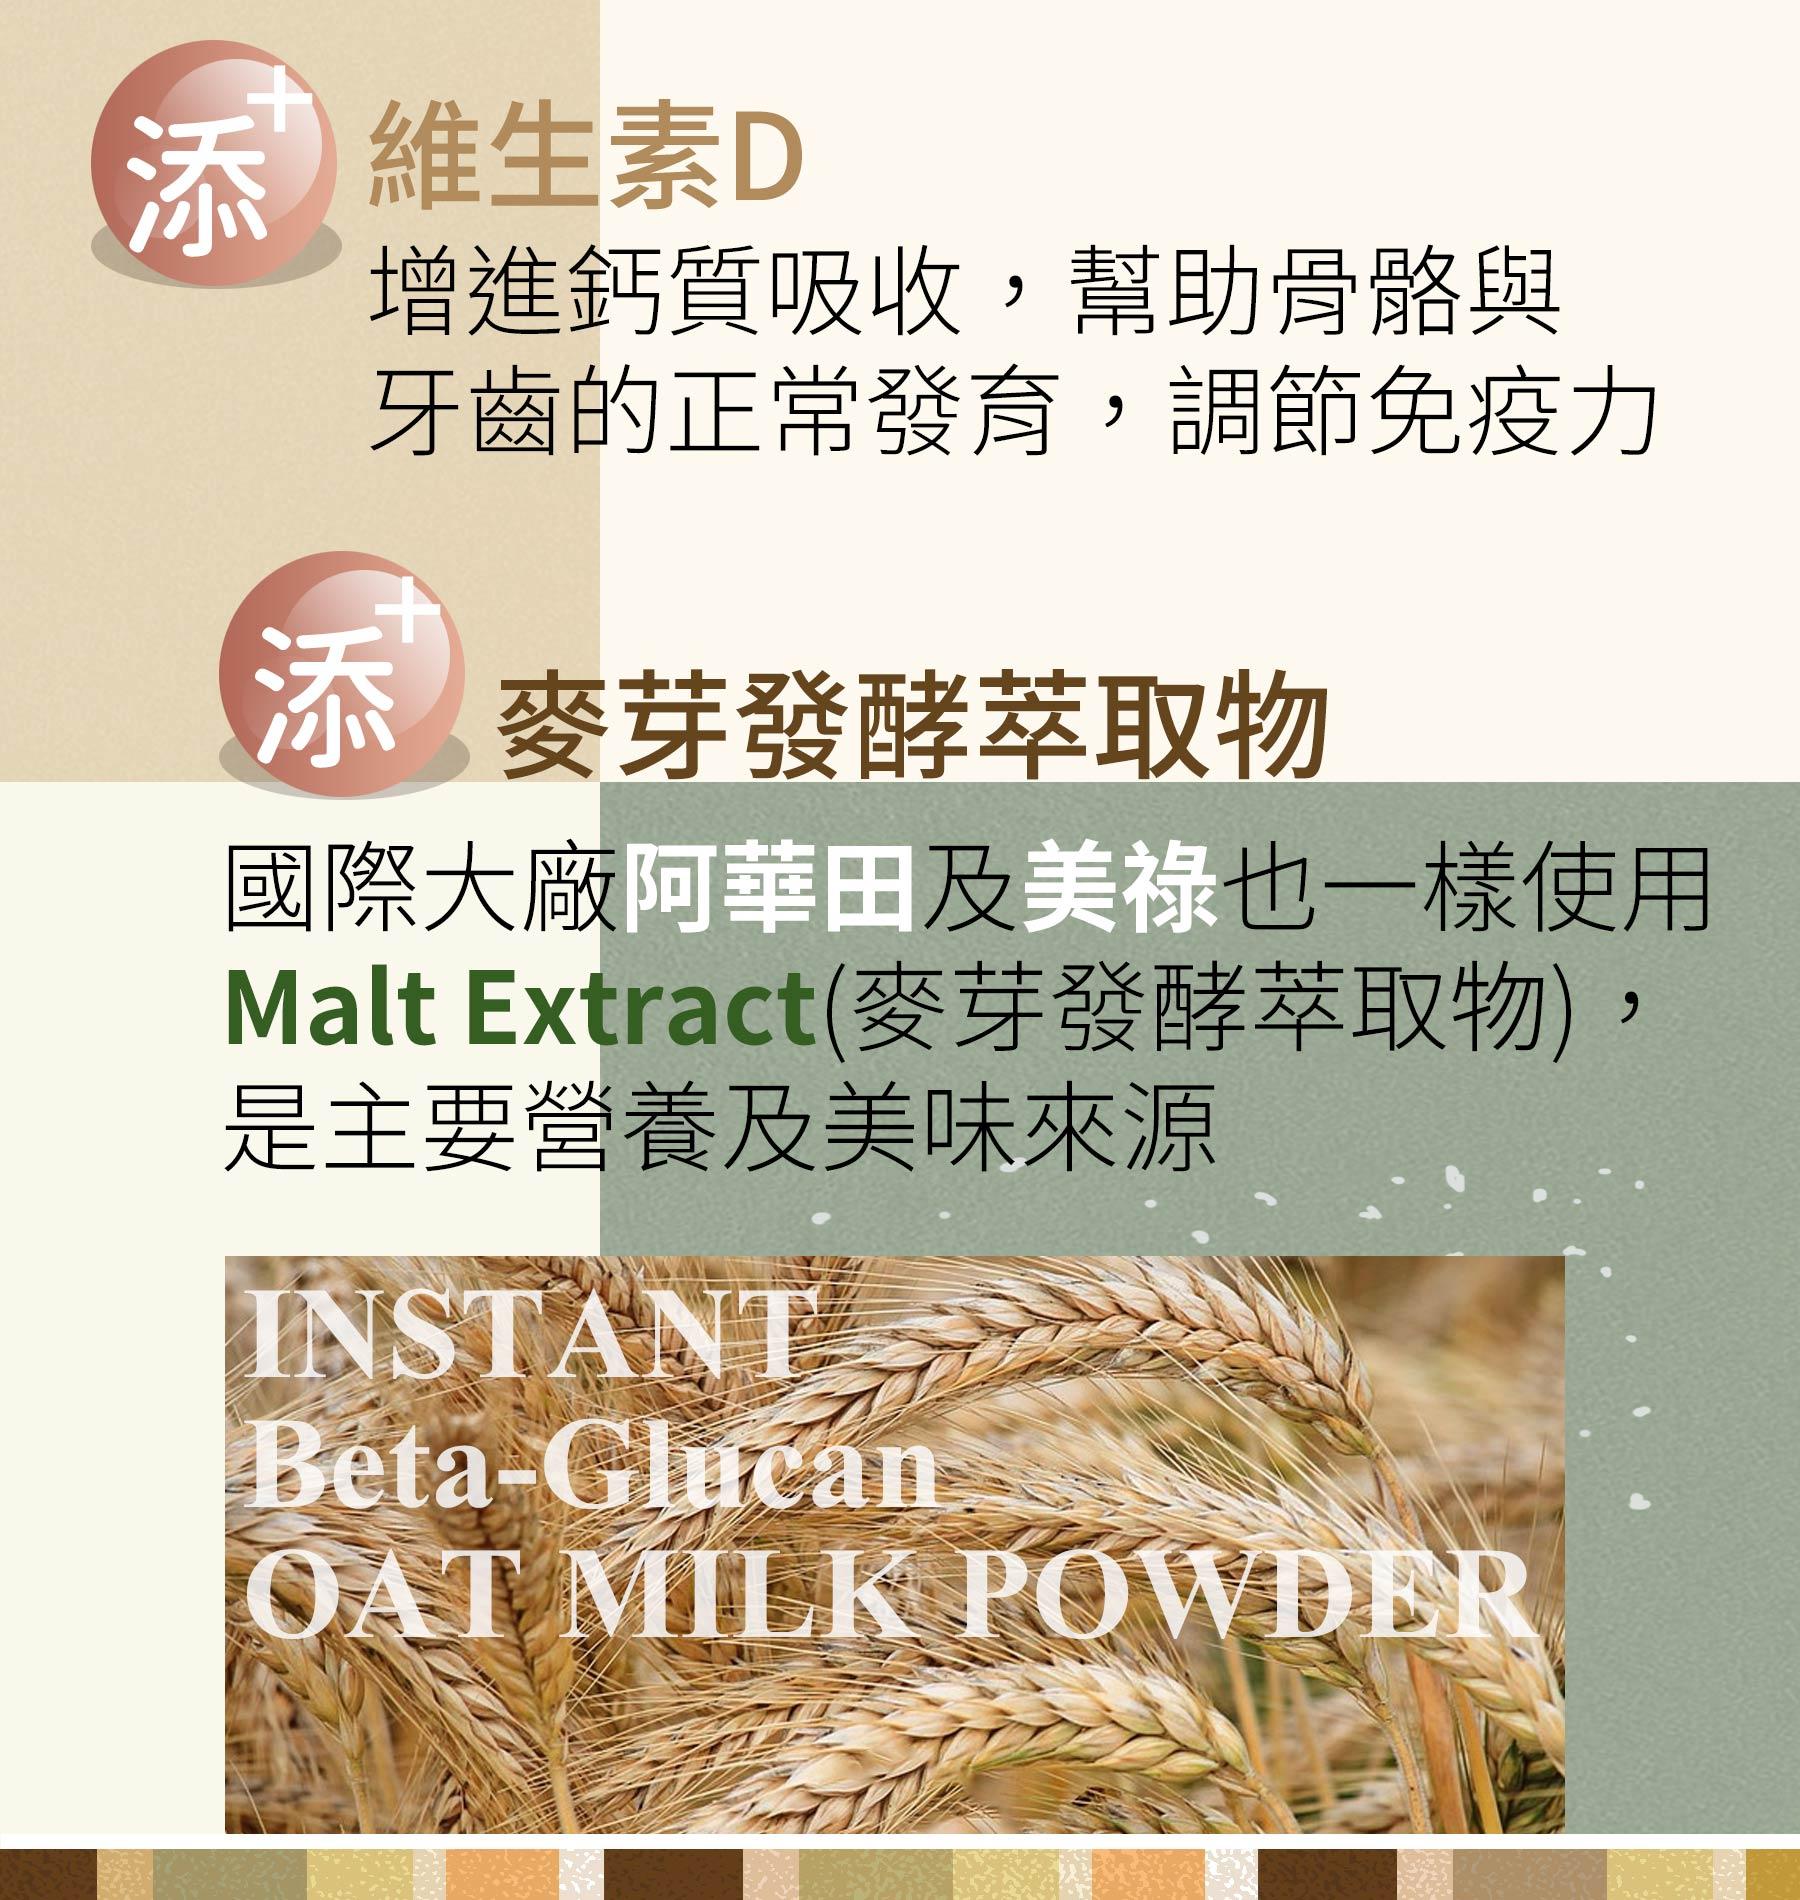 即溶葡聚醣酵解燕麥奶添加維生素D及麥芽發酵萃取物